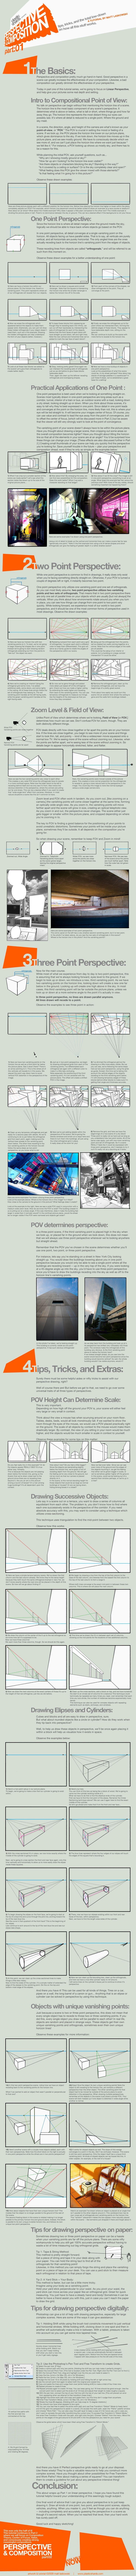 Perspektive Zusammensetzung PT. 1 5059